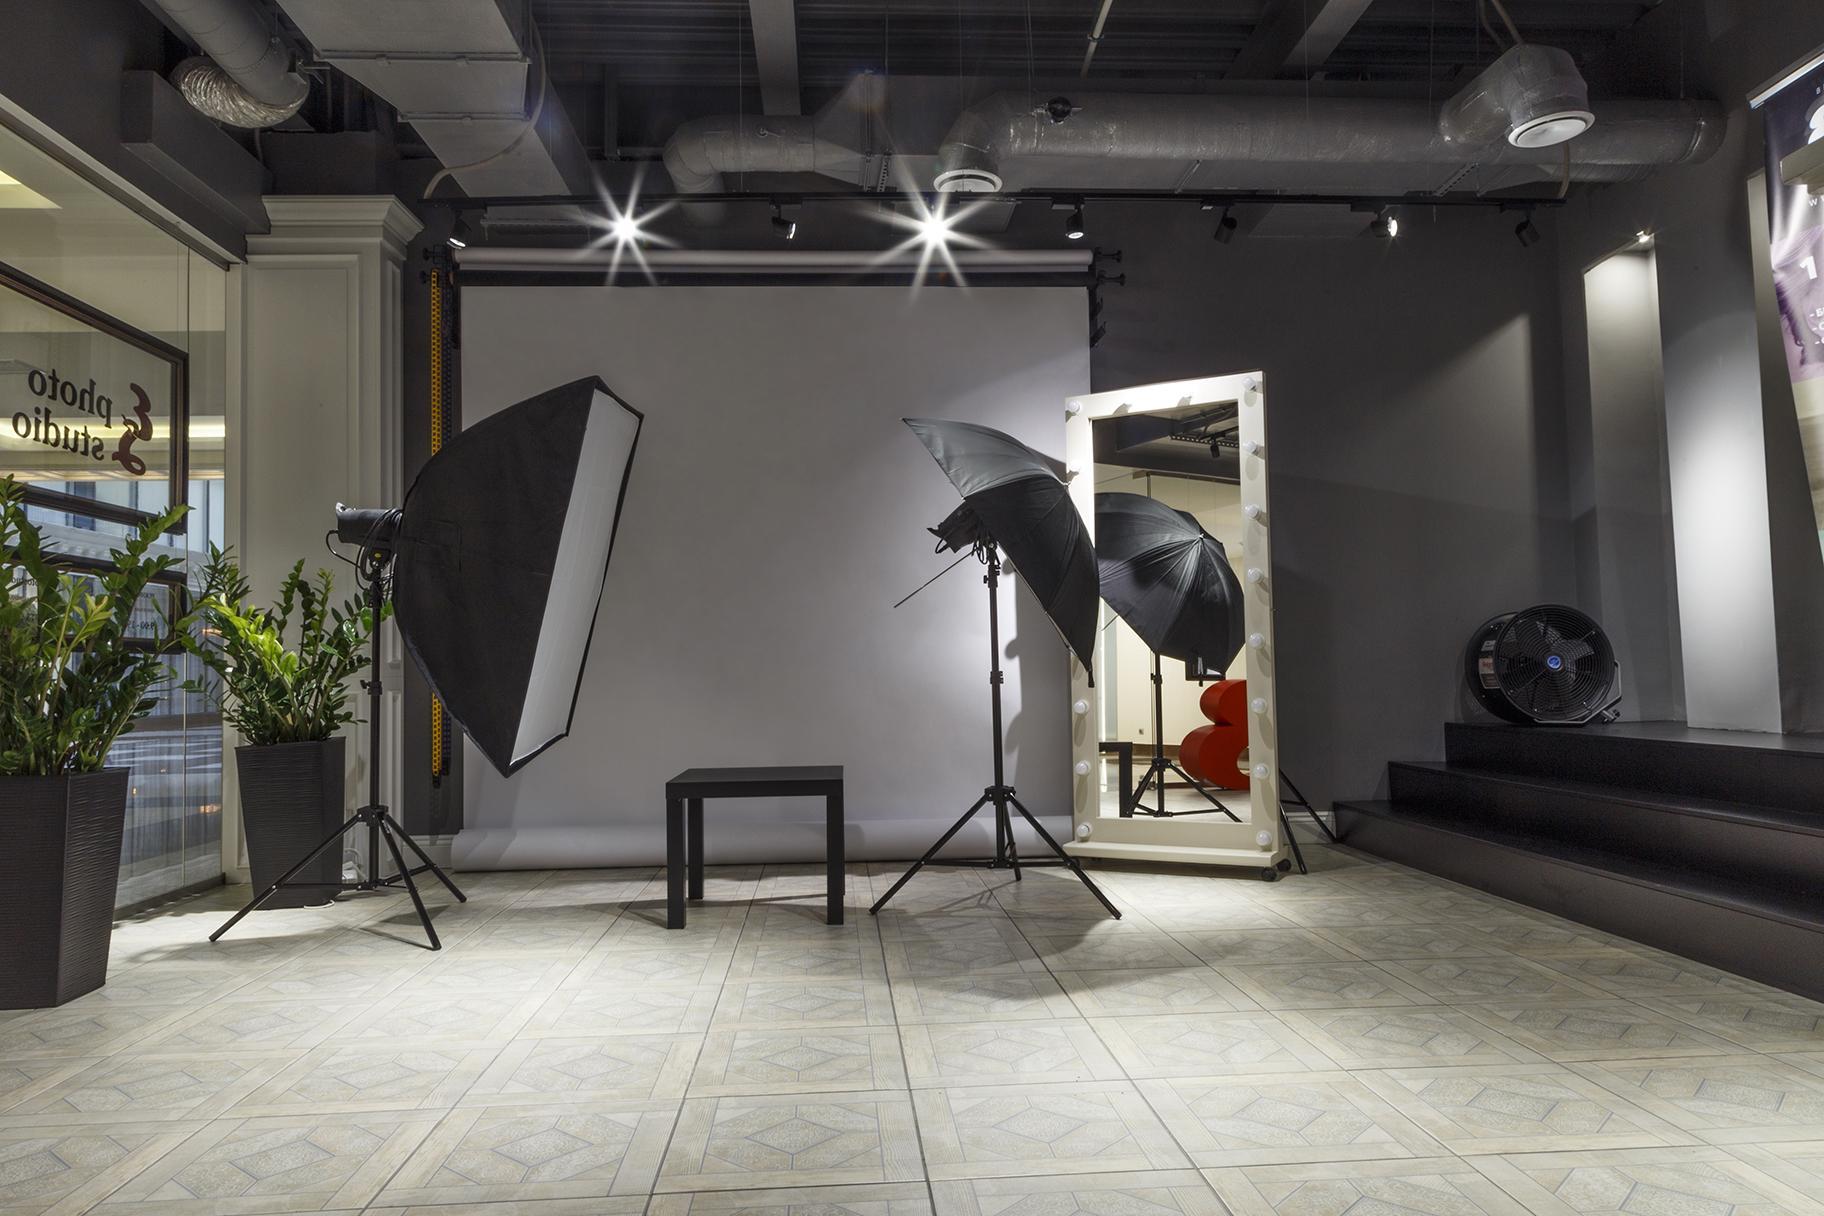 для готовый бизнес фотоателье посетителей